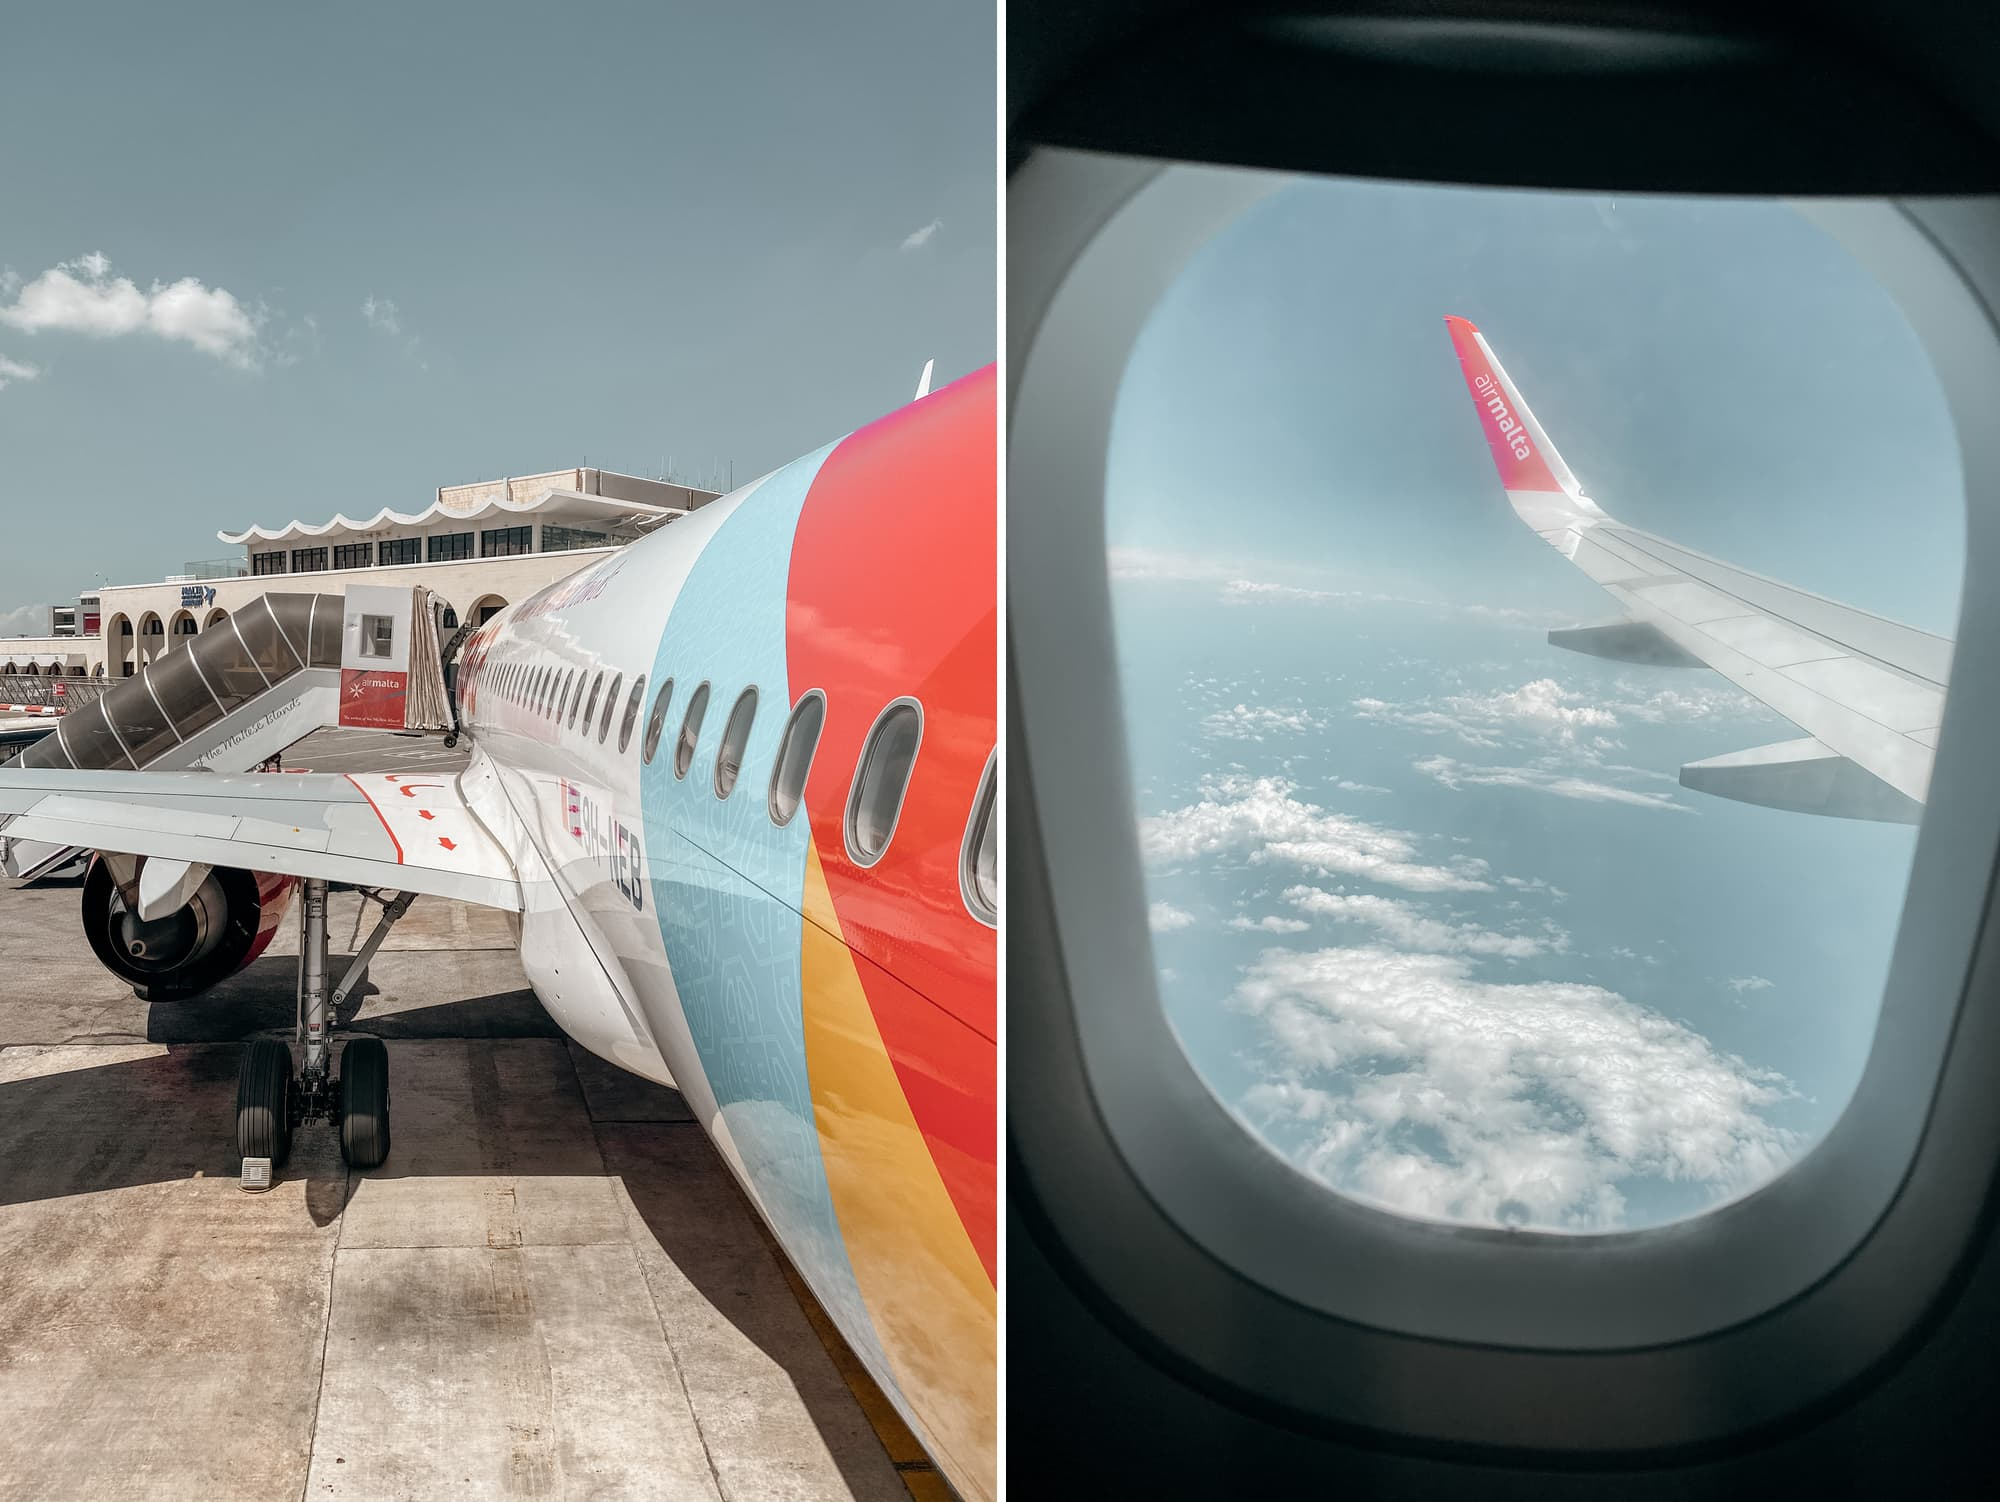 malta airport anreise